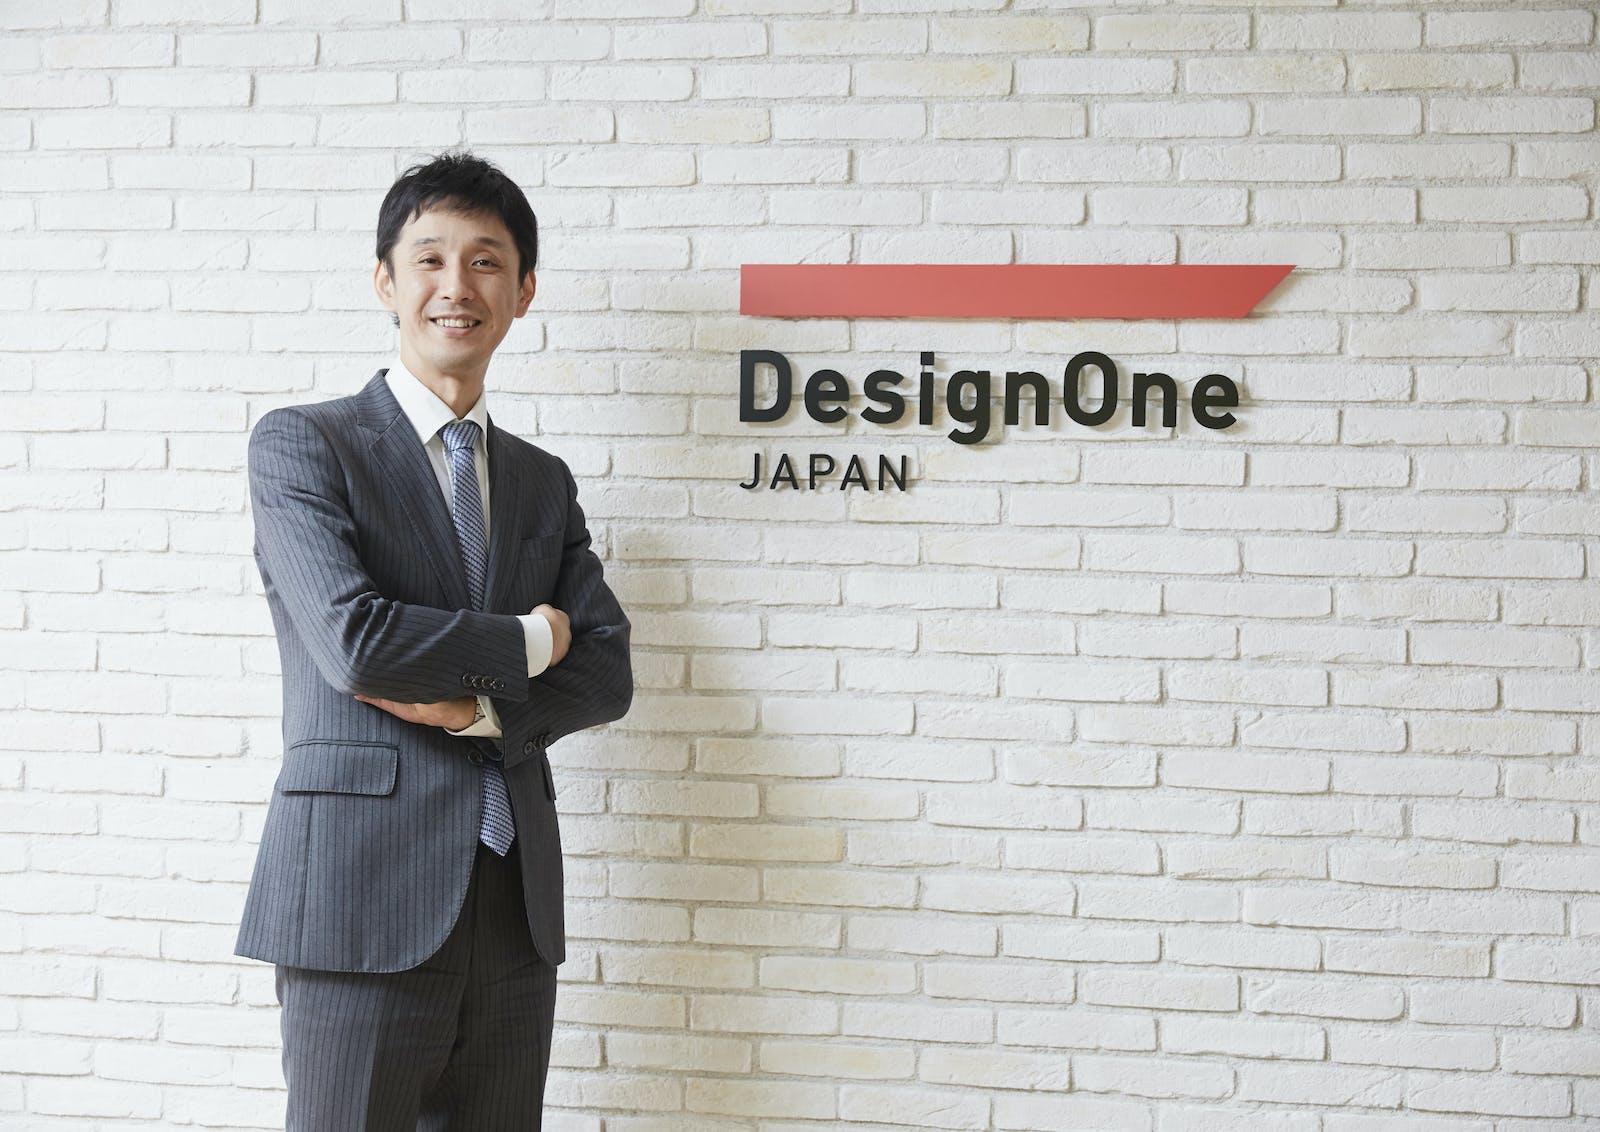 株式会社デザインワン・ジャパンのアイキャッチ画像